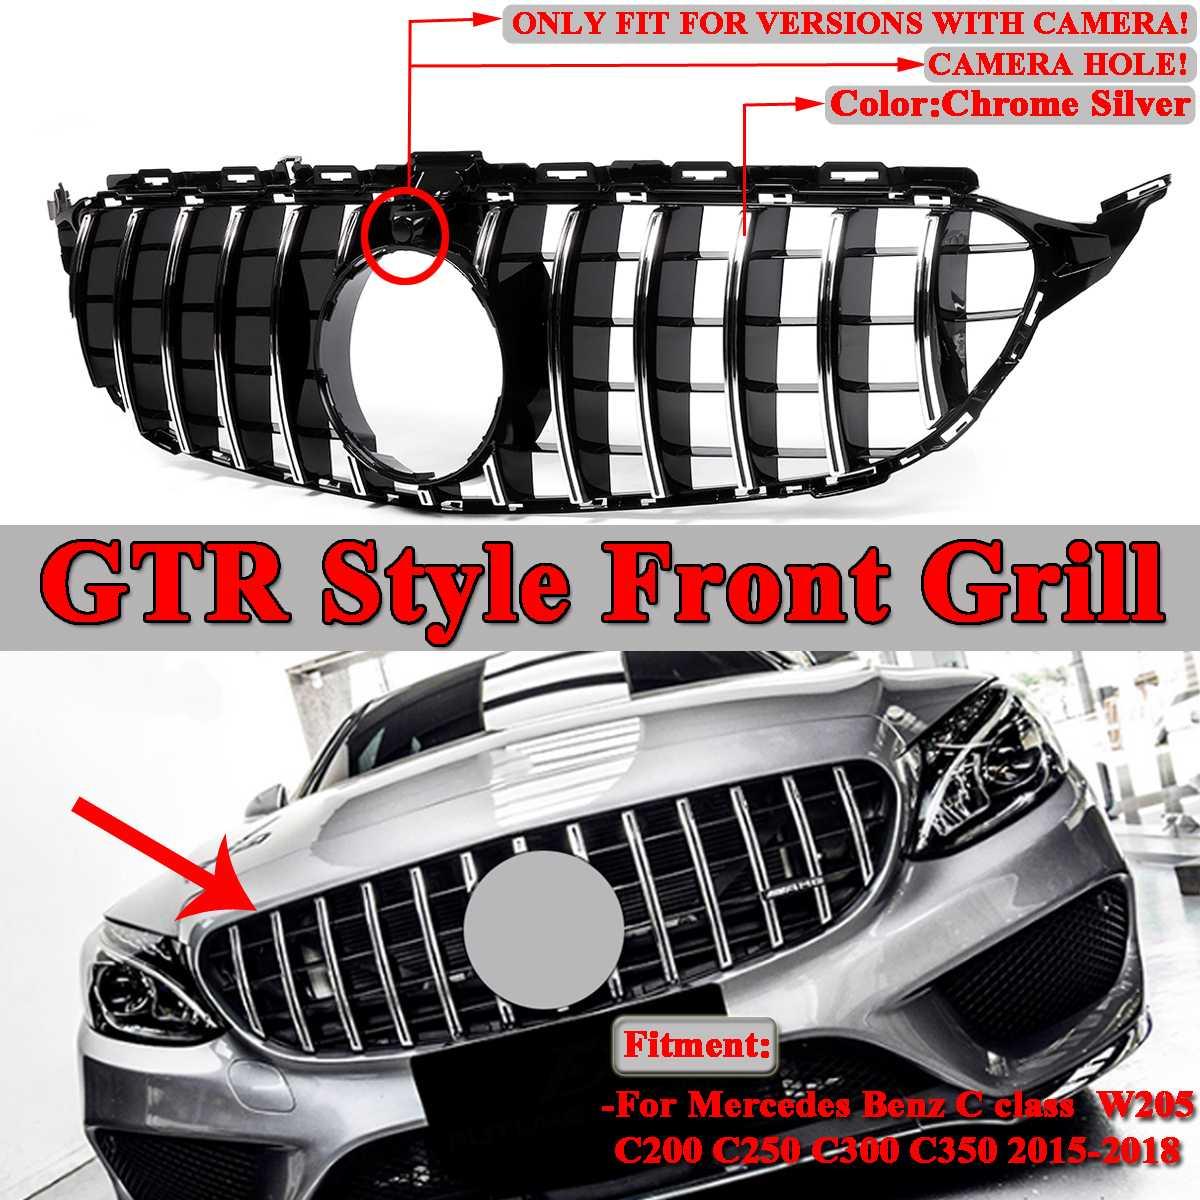 W205 pour GTR GT R Style voiture Grille avant noir/argent pour Mercedes pour Benz W205 C200 C250 C300 C350 2015-2018 2Dr/4Dr